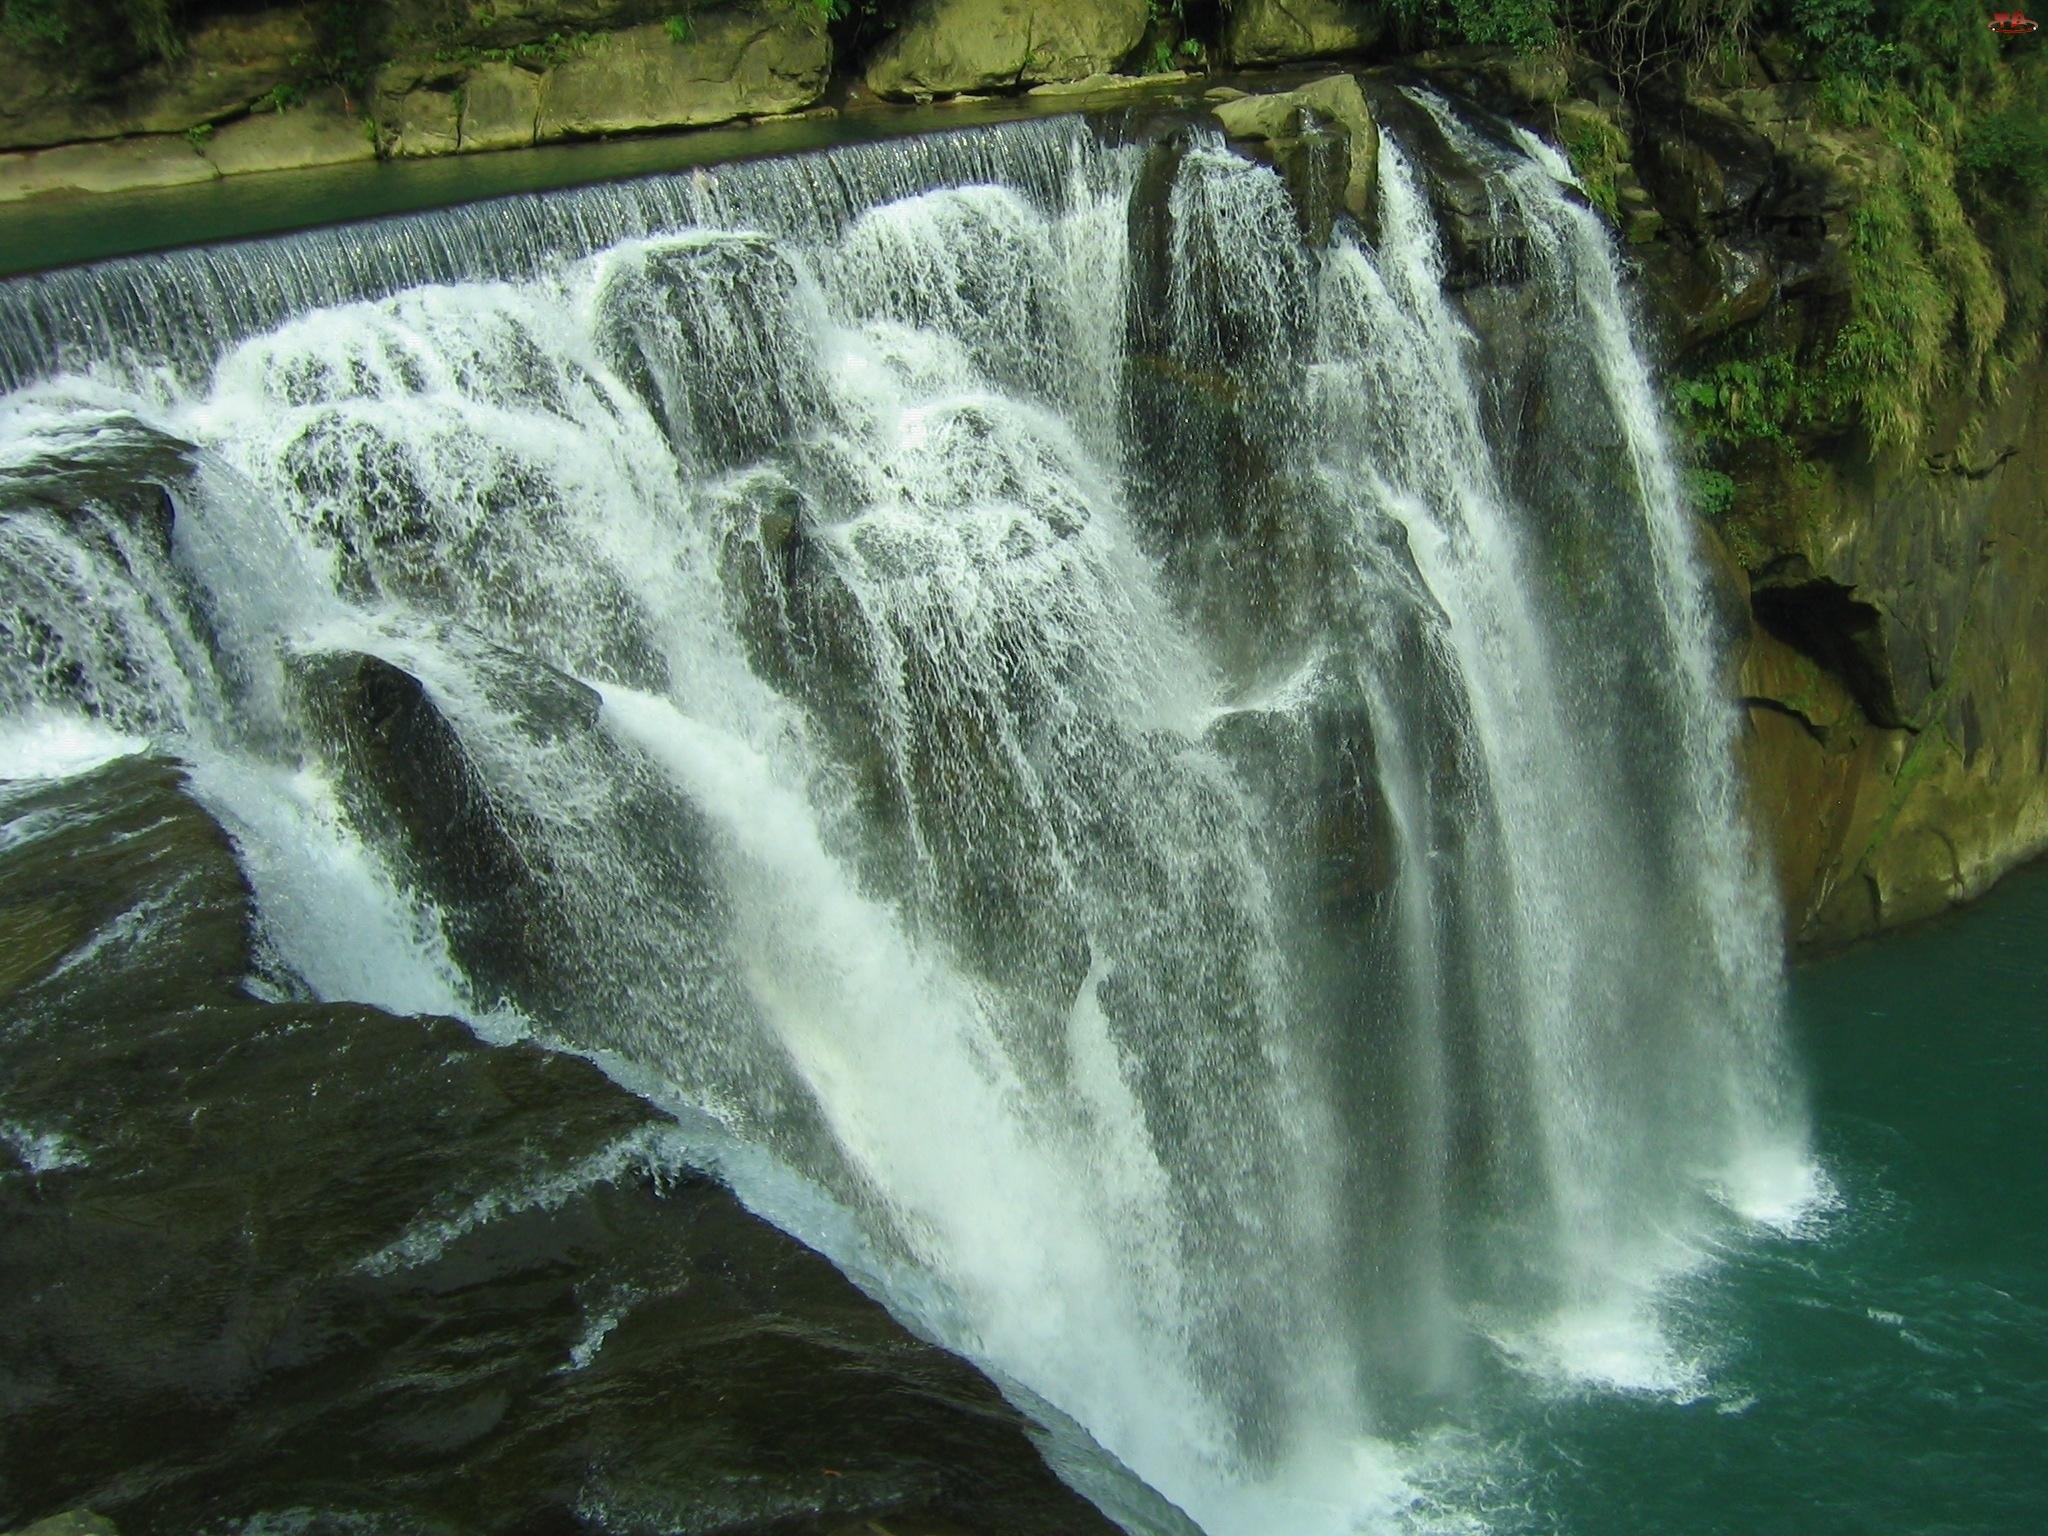 Wodne, Wodospad, Kaskady